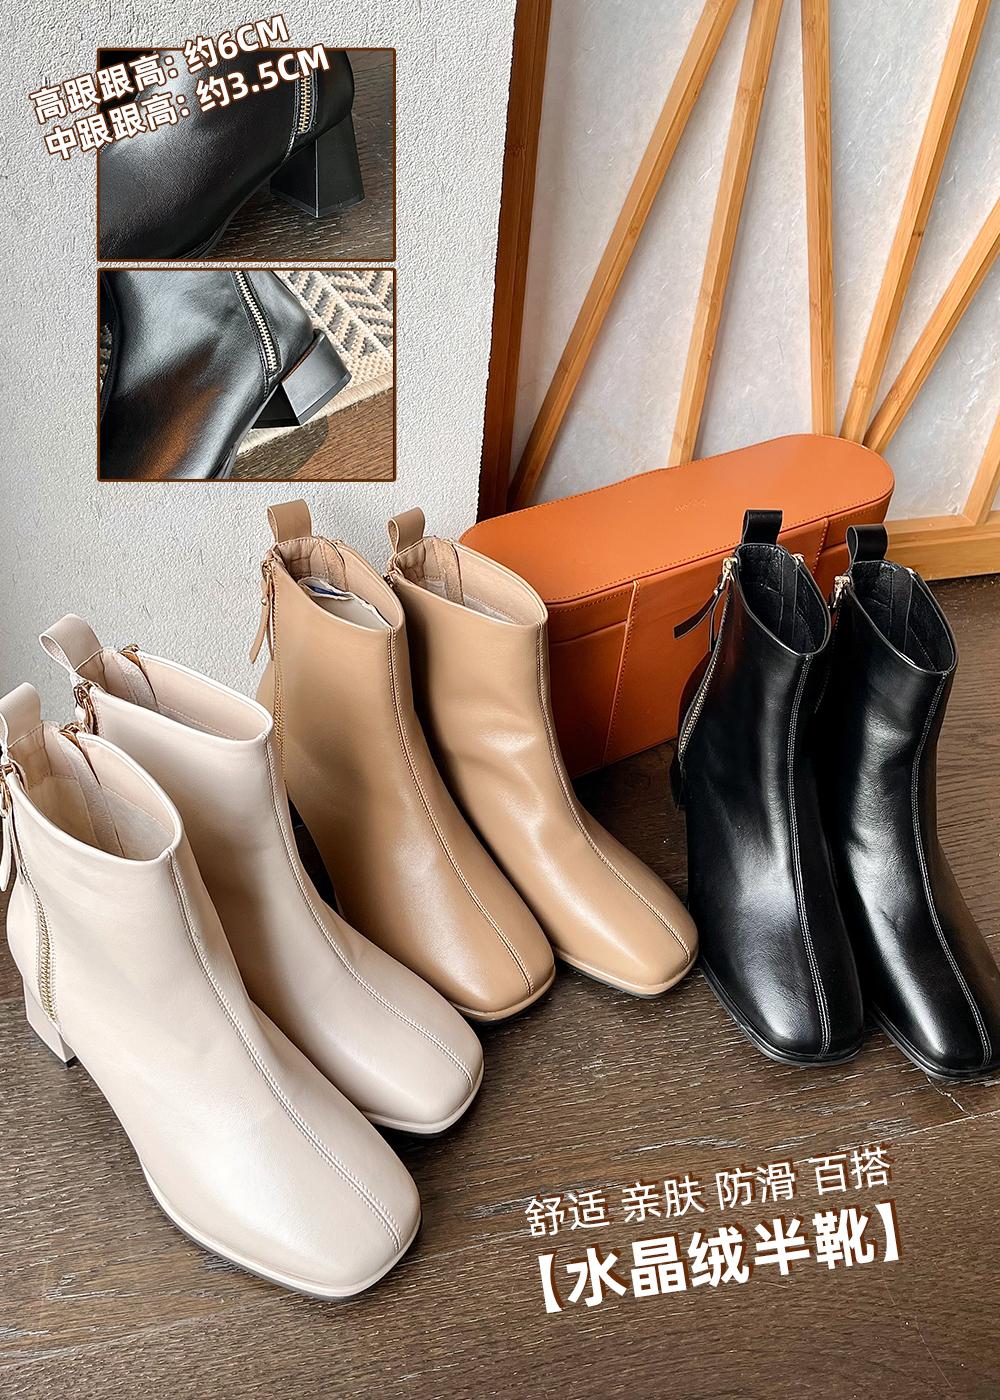 烈儿Lierkiss【气质半靴】水晶绒防滑百搭半靴小个子短靴女秋冬